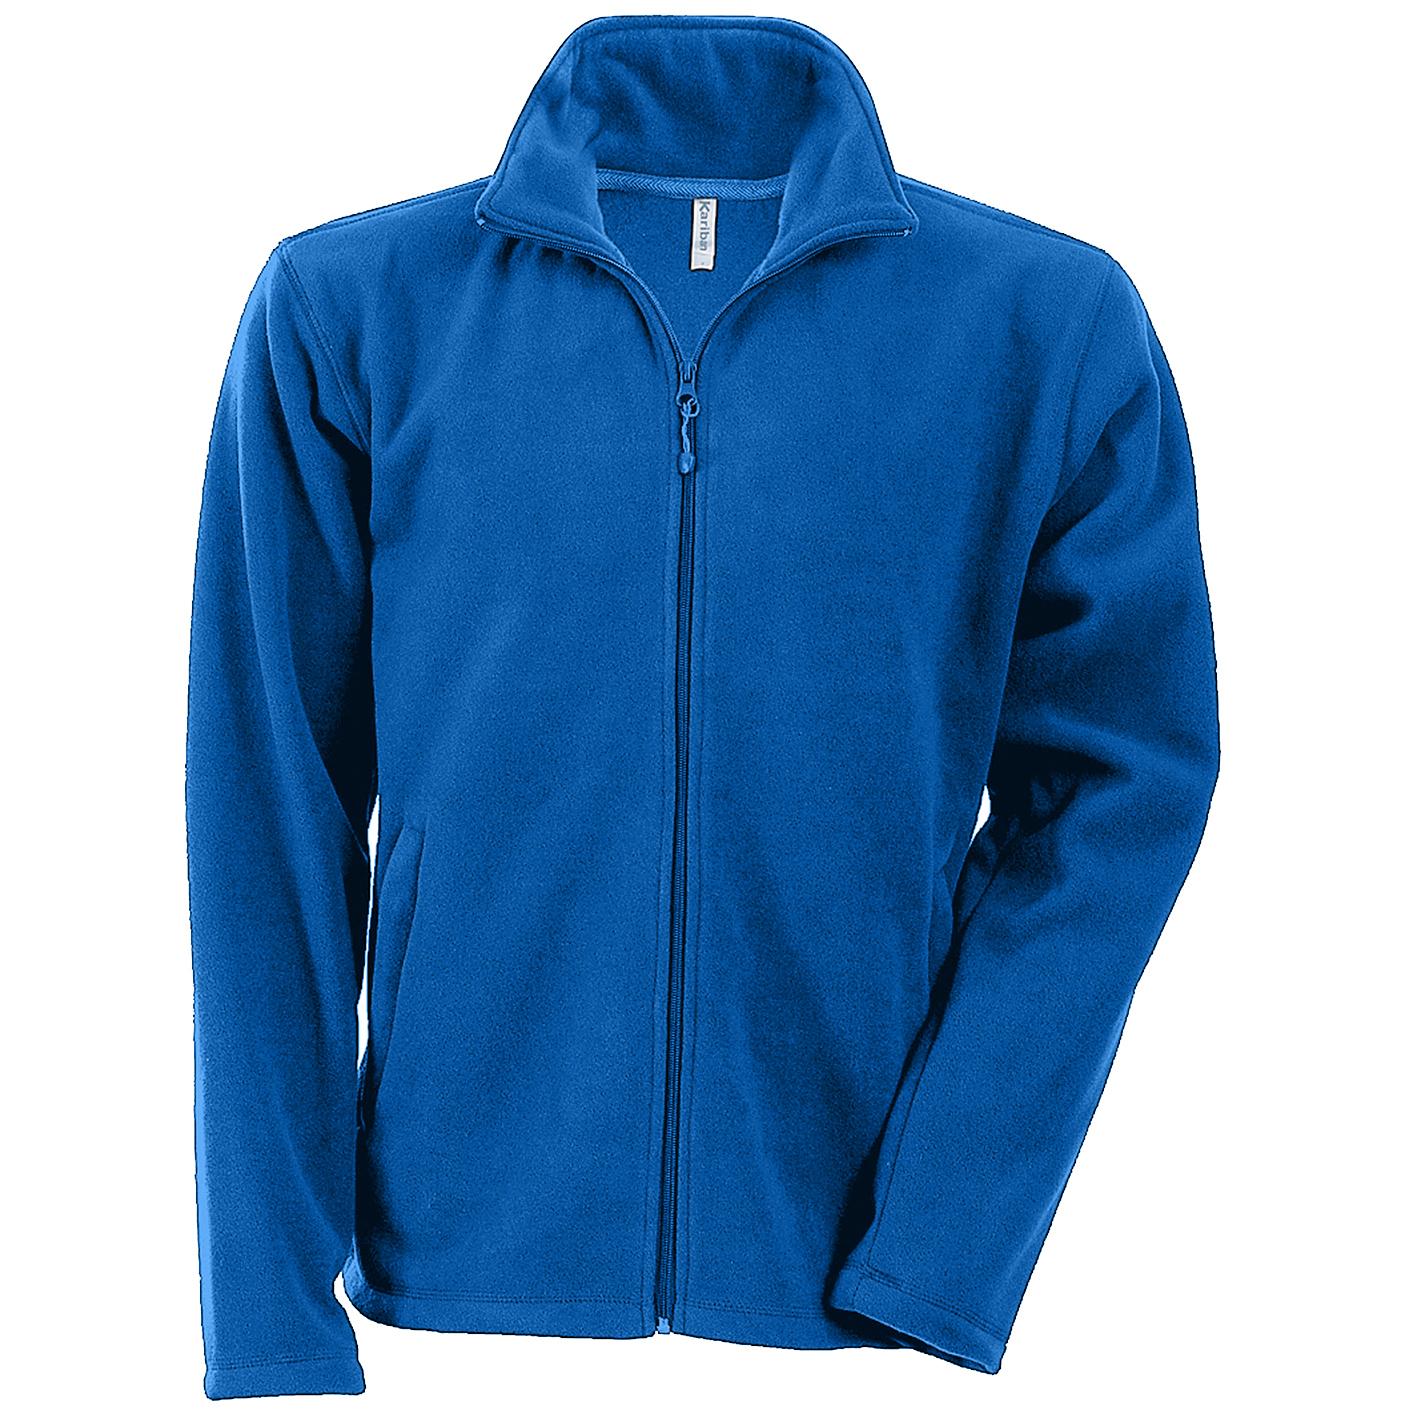 Kariban Mens Falco Full Zip Anti Pill Fleece Jacket (XL) (Royal)